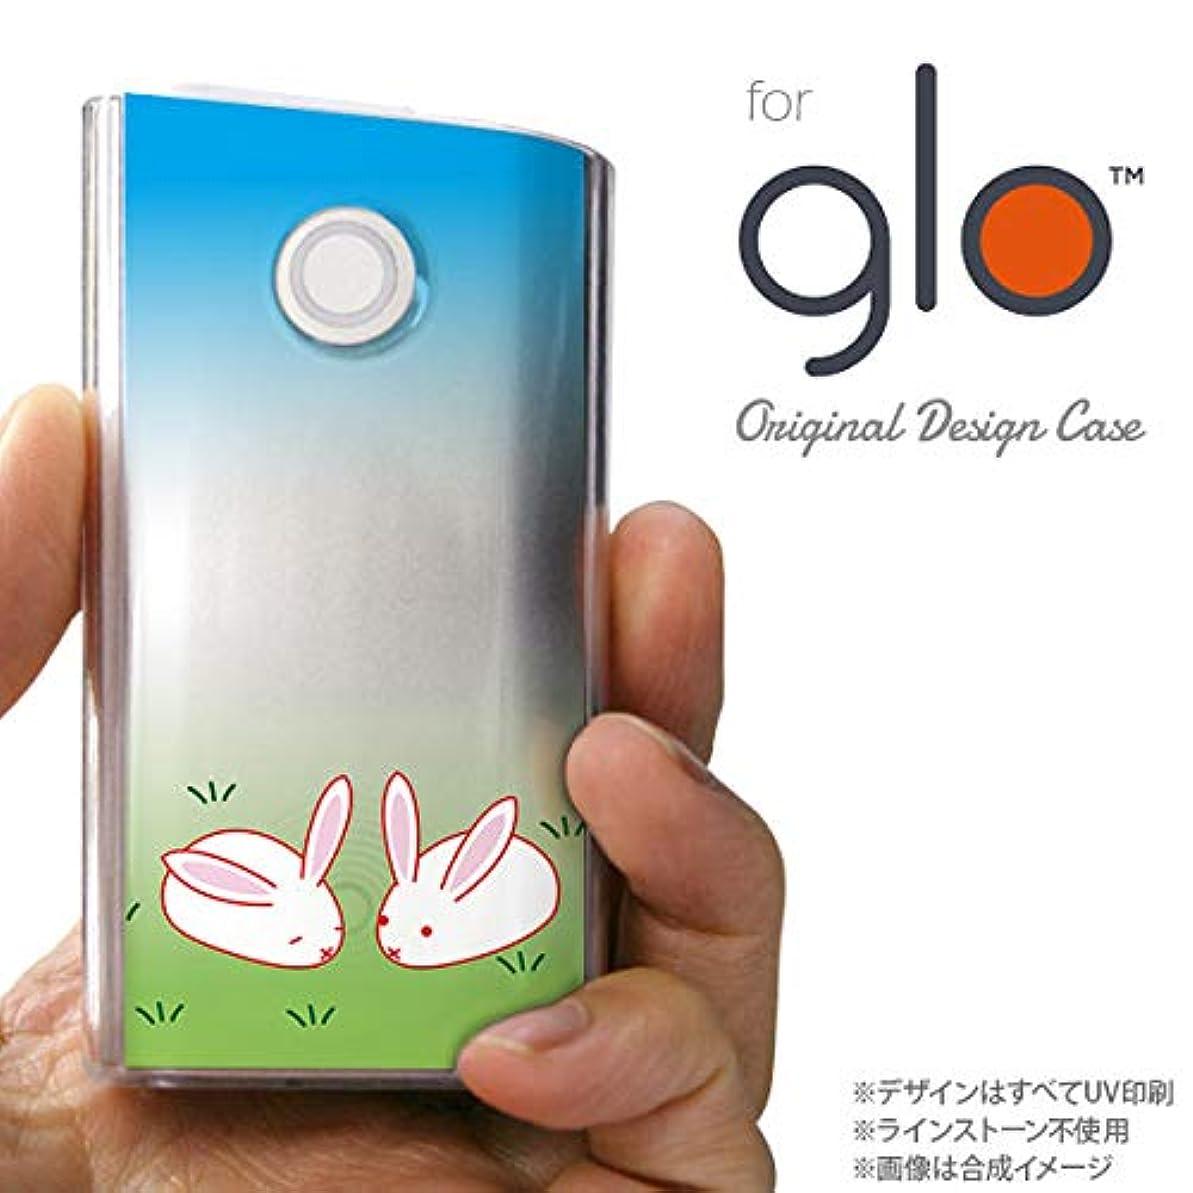 仕事に行くマラドロイト認識glo グローケース カバー グロー ウサギ nk-glo-865